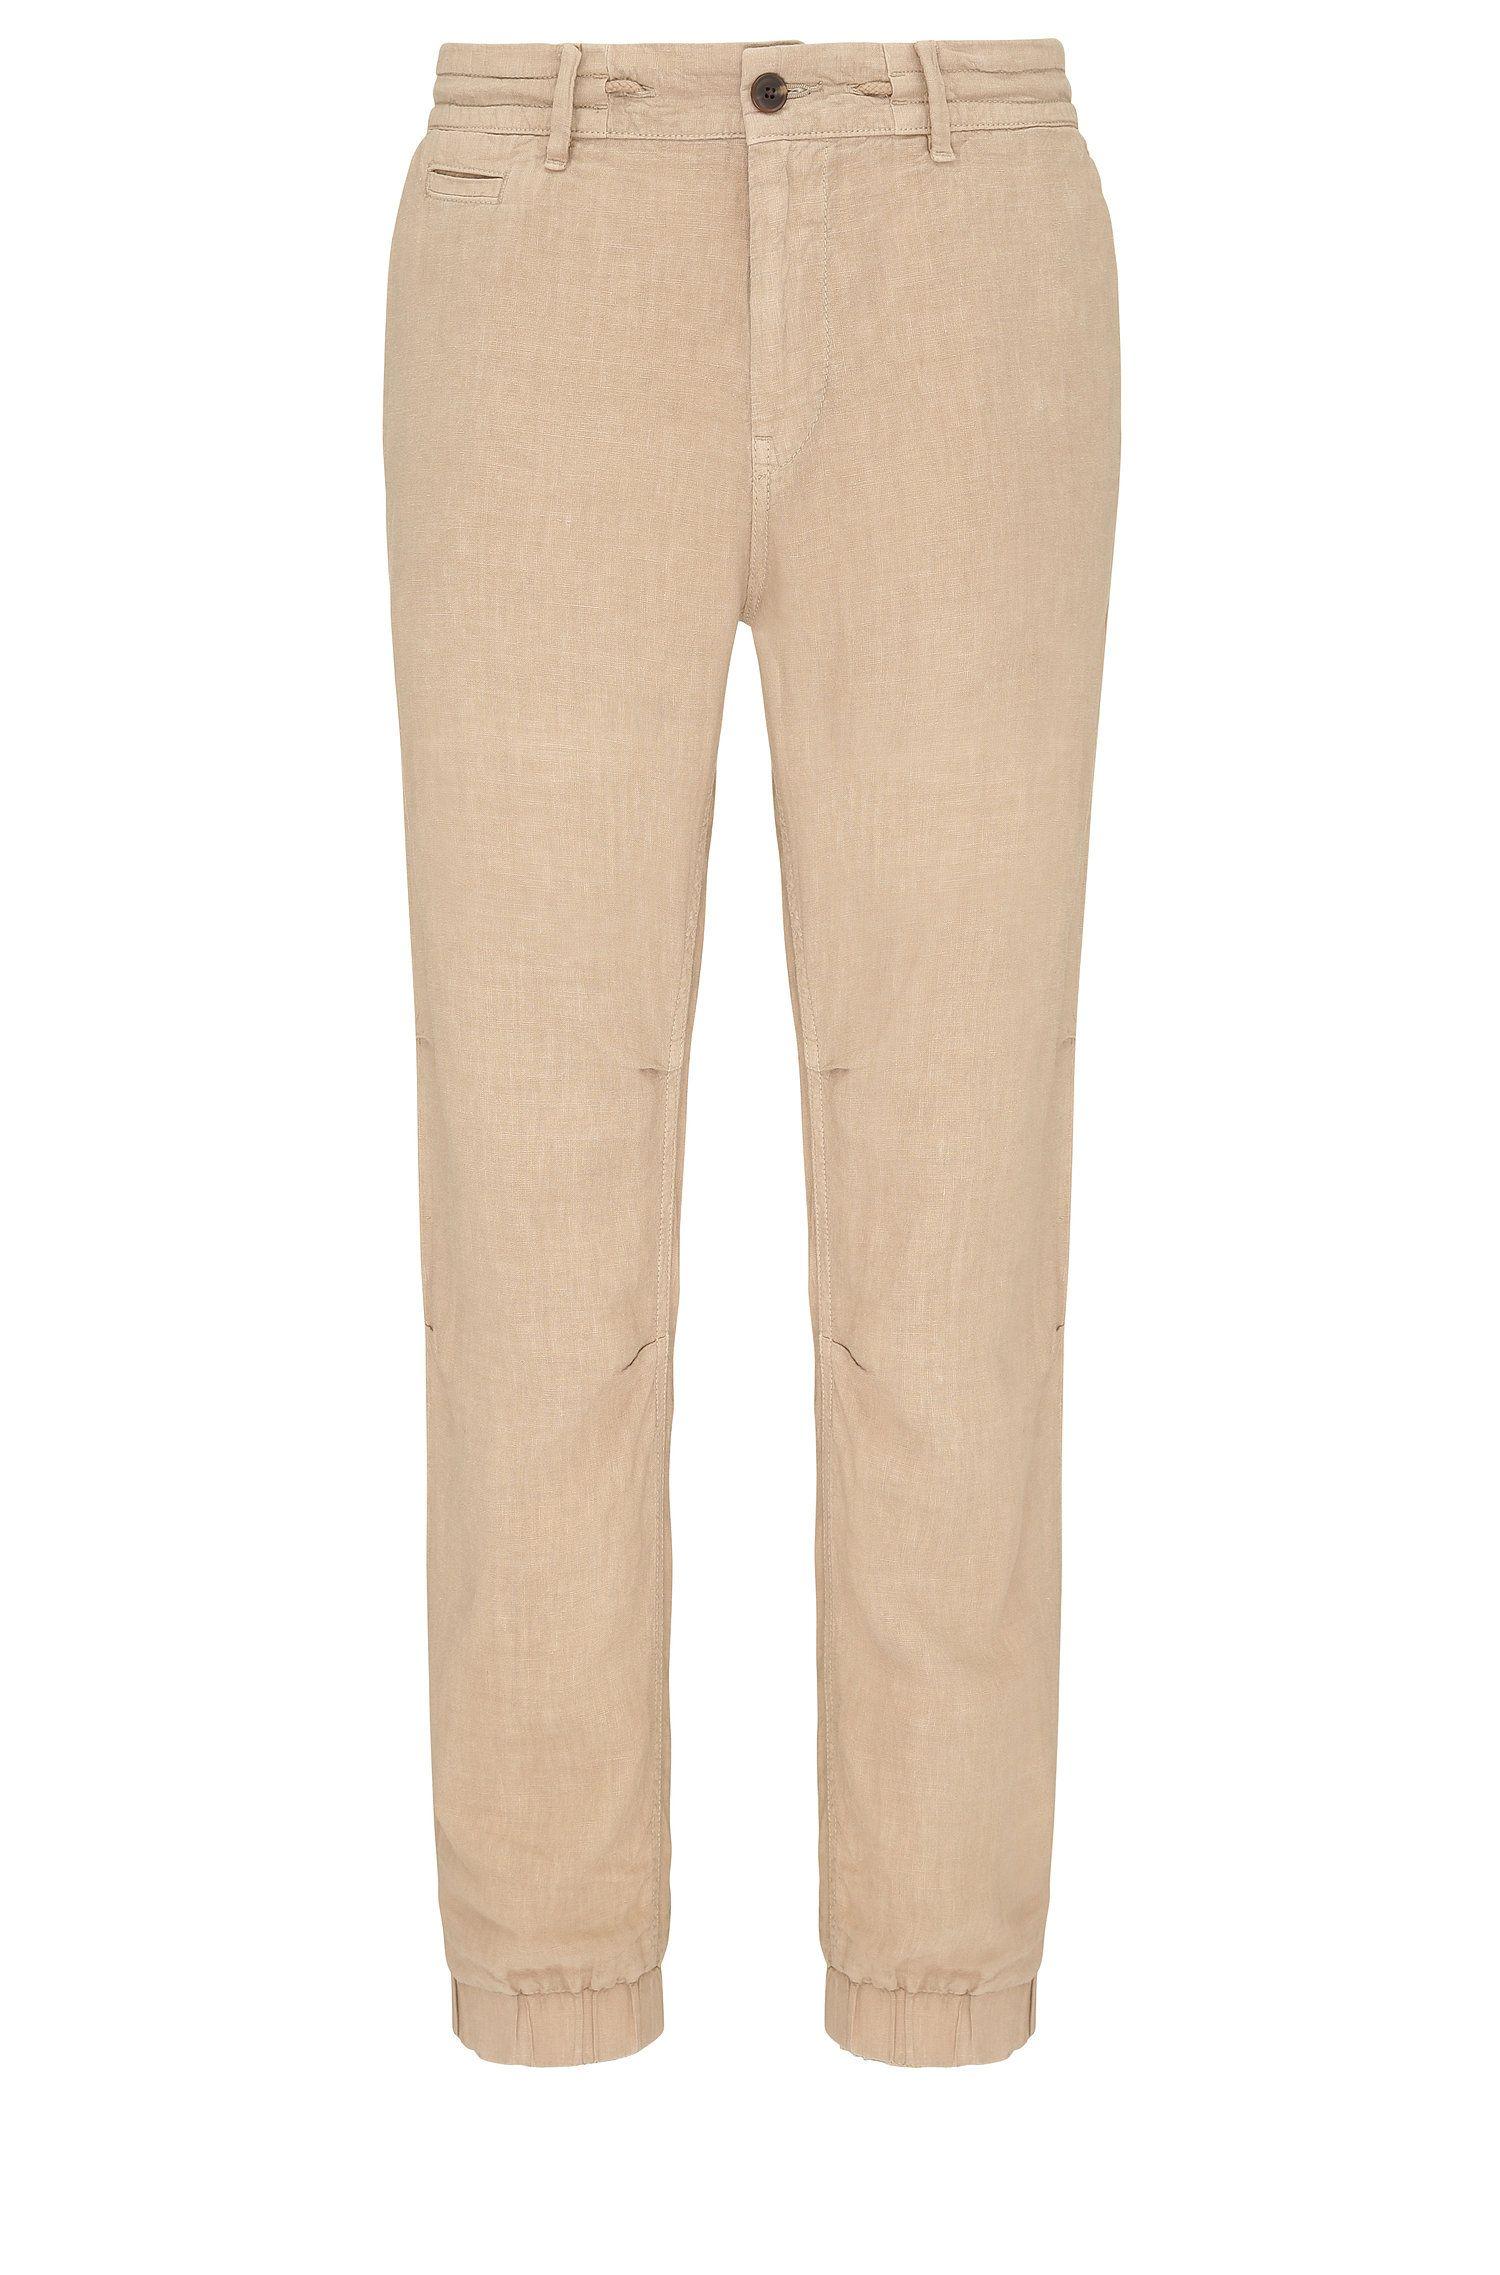 Pantalon Tapered Fit en lin, de style jogging: «Siman3-D»